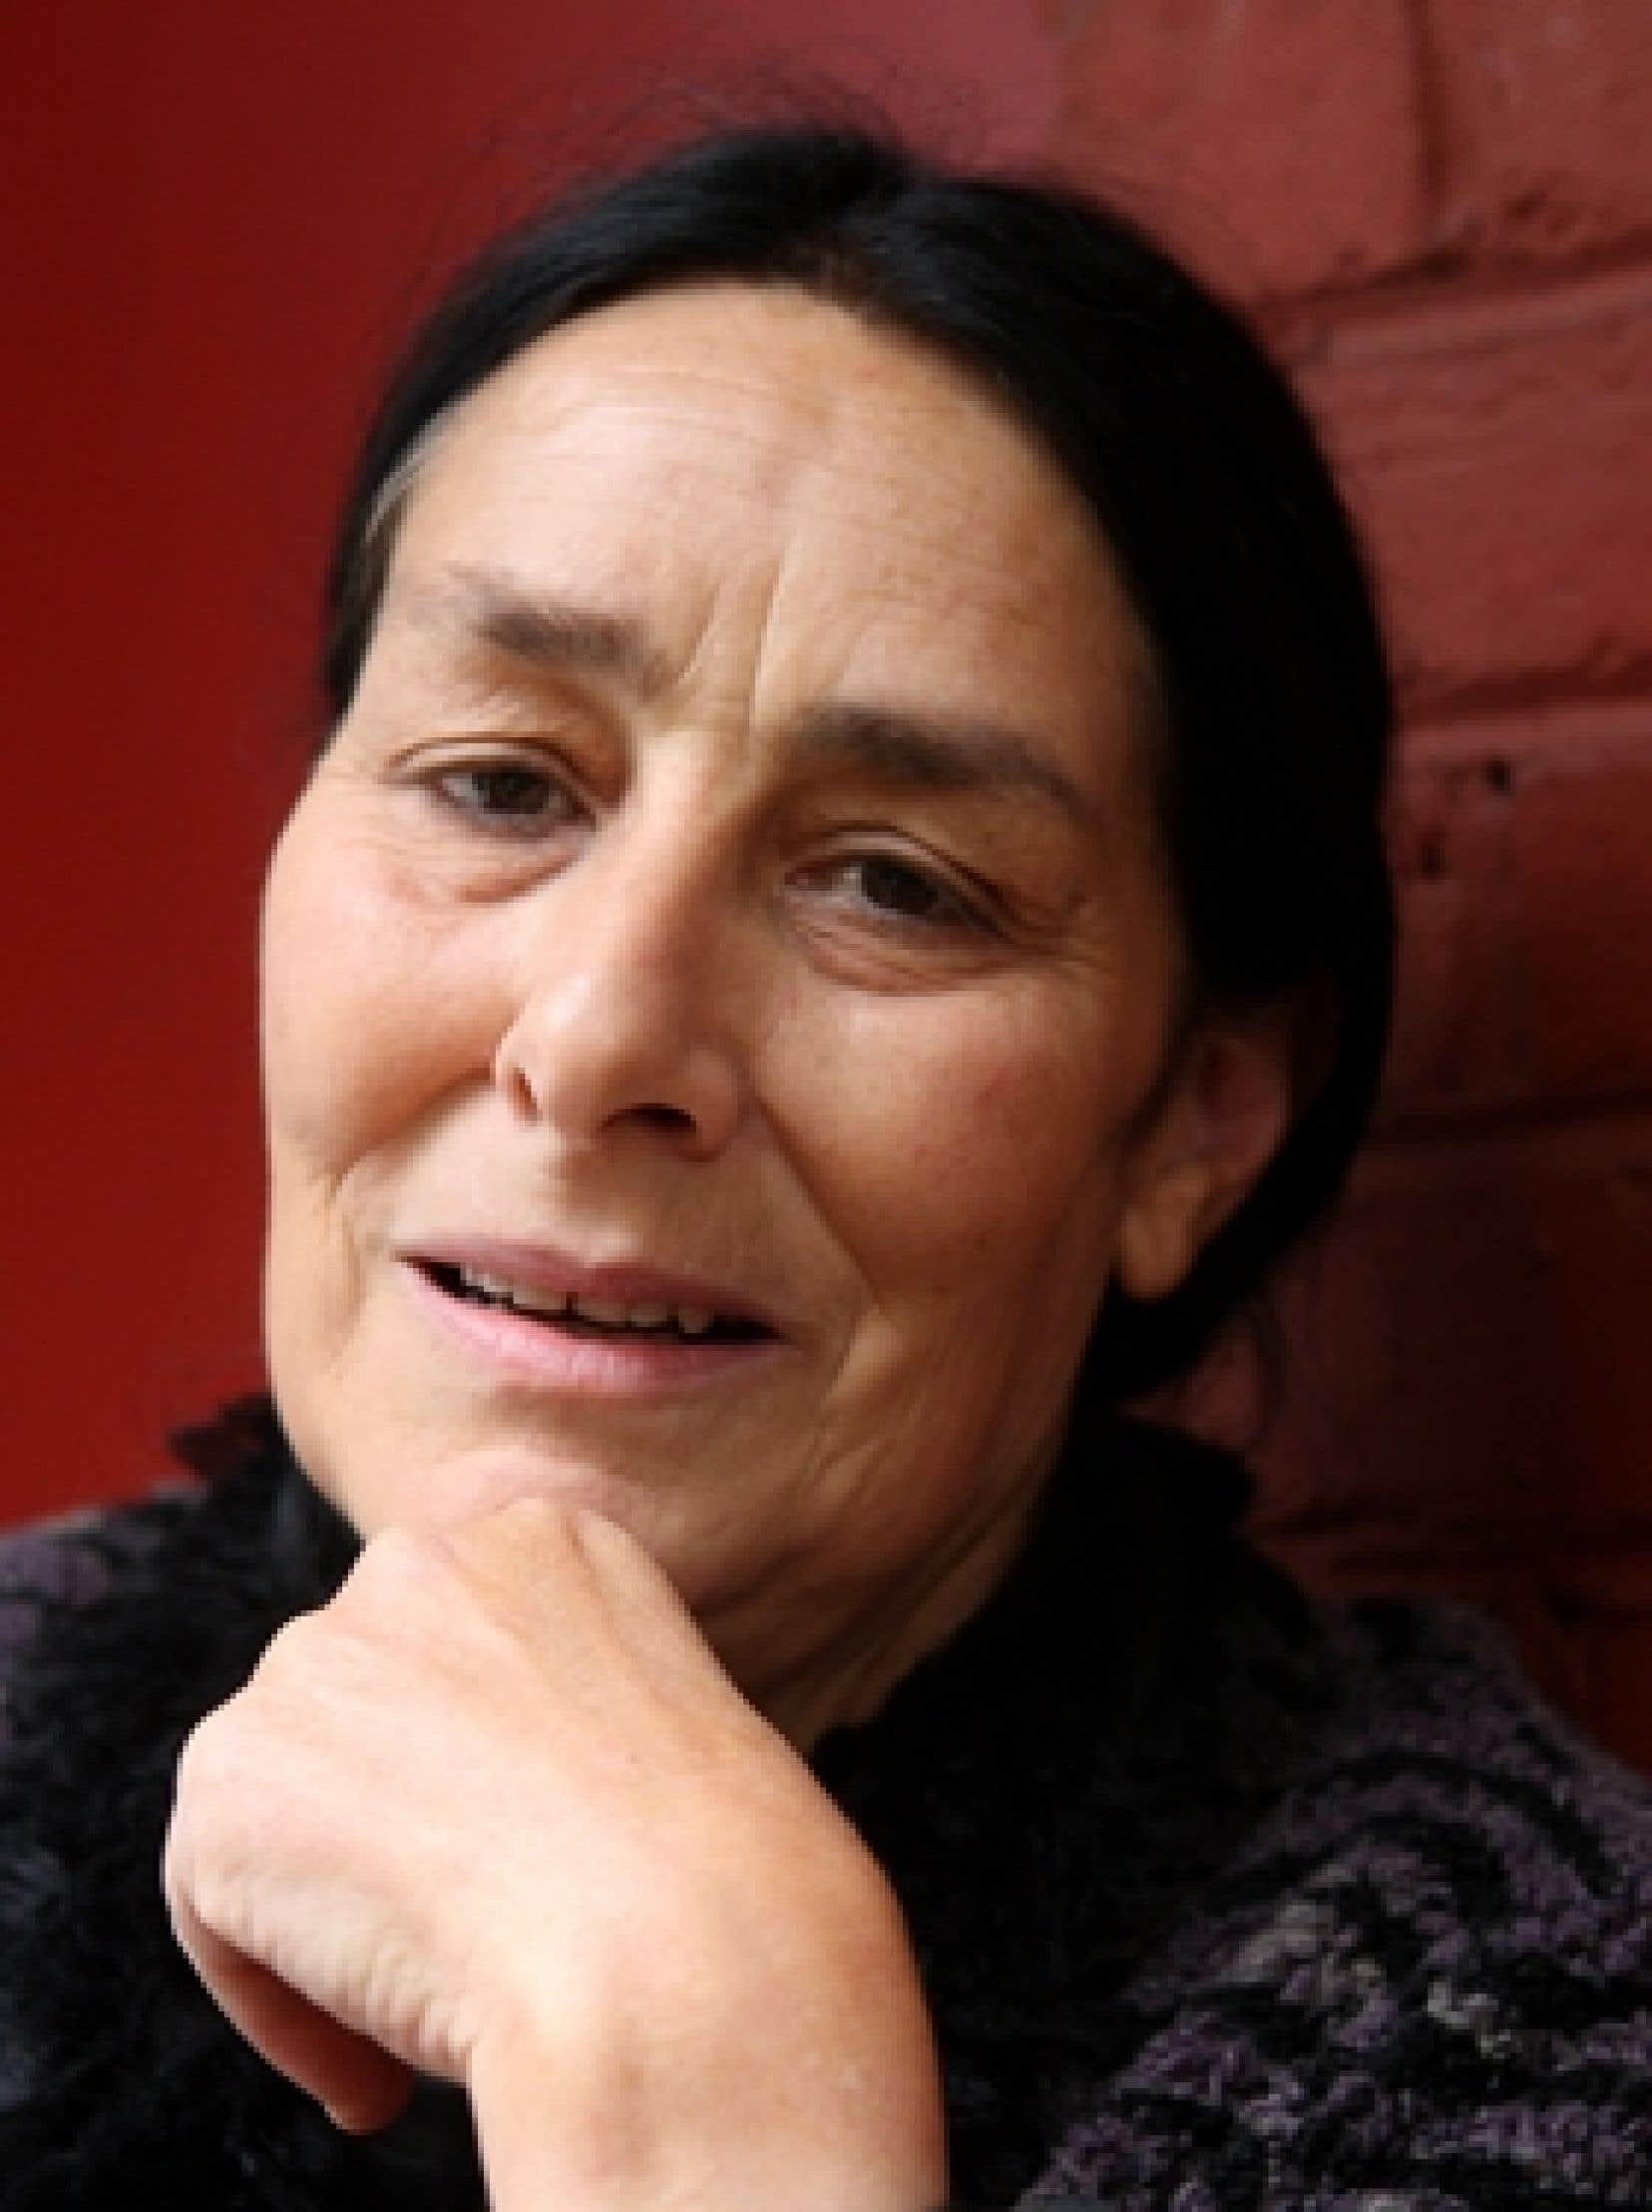 Depuis 1974, Suzanne Lebeau a écrit plus de 25 pièces et a travaillé avec les enfants dans des ateliers un peu partout dans le monde, en Amérique du Sud et au Mexique, surtout.